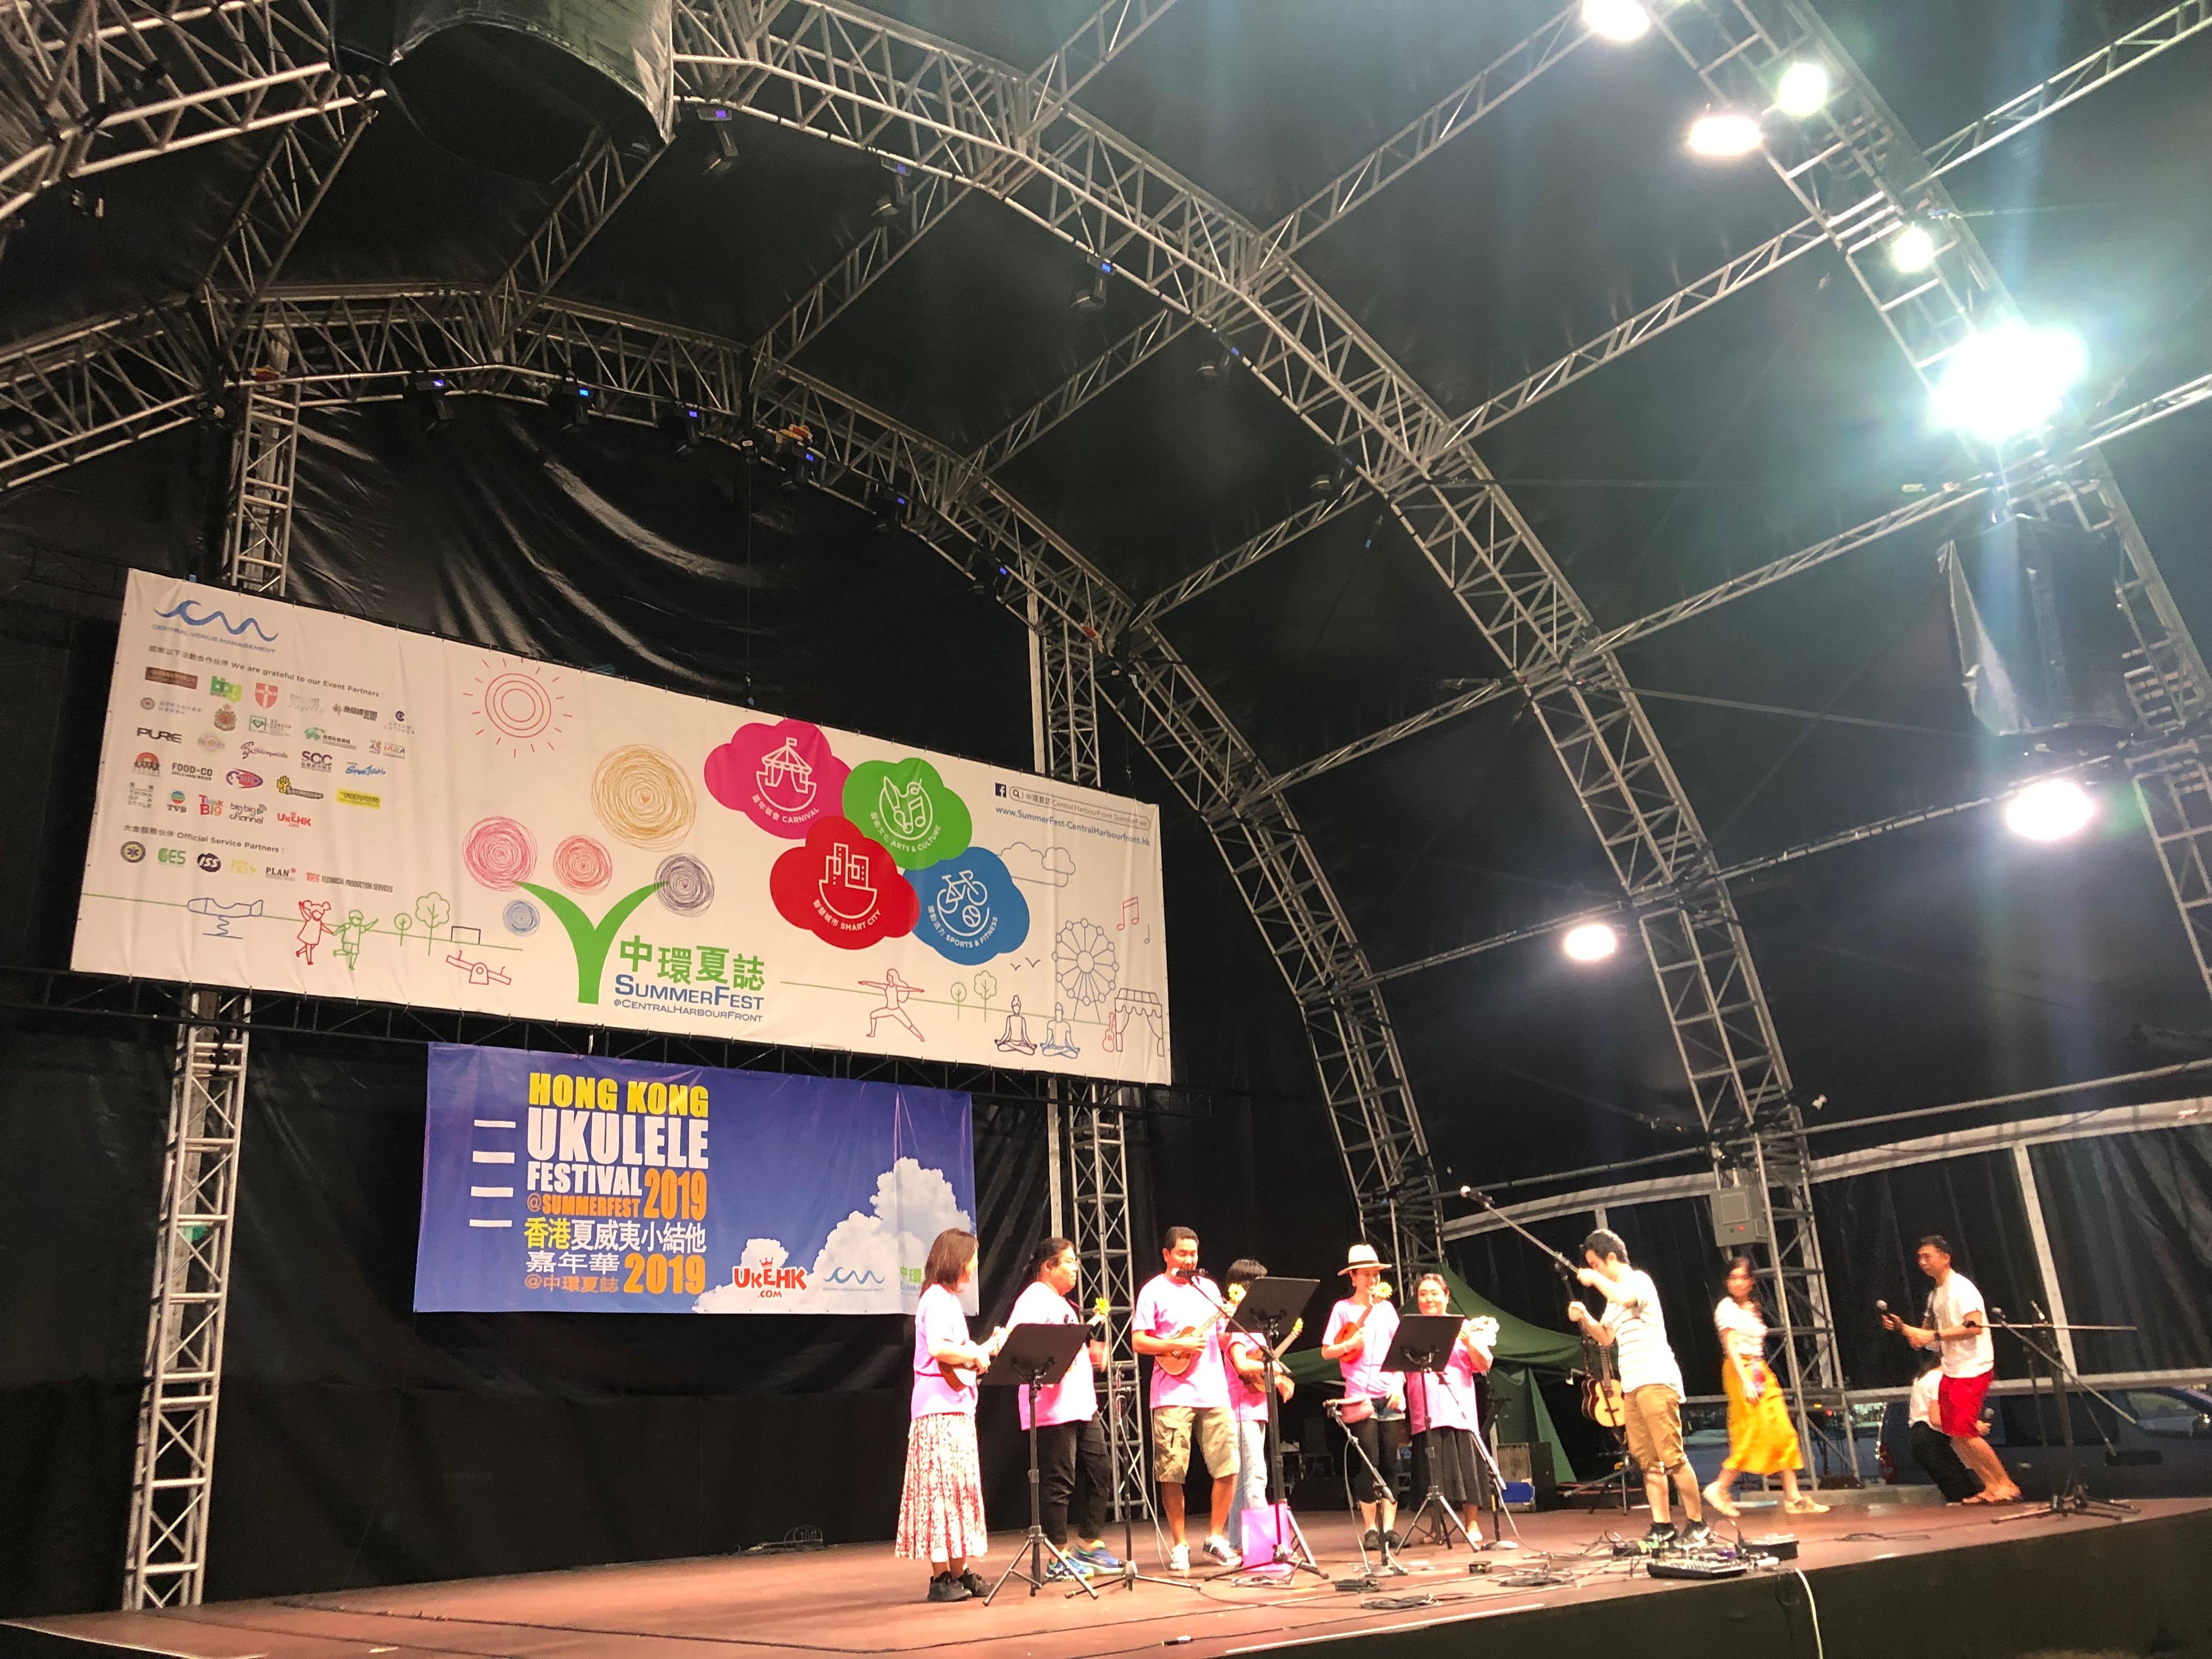 Hong Kong Ukulele Festival 2019